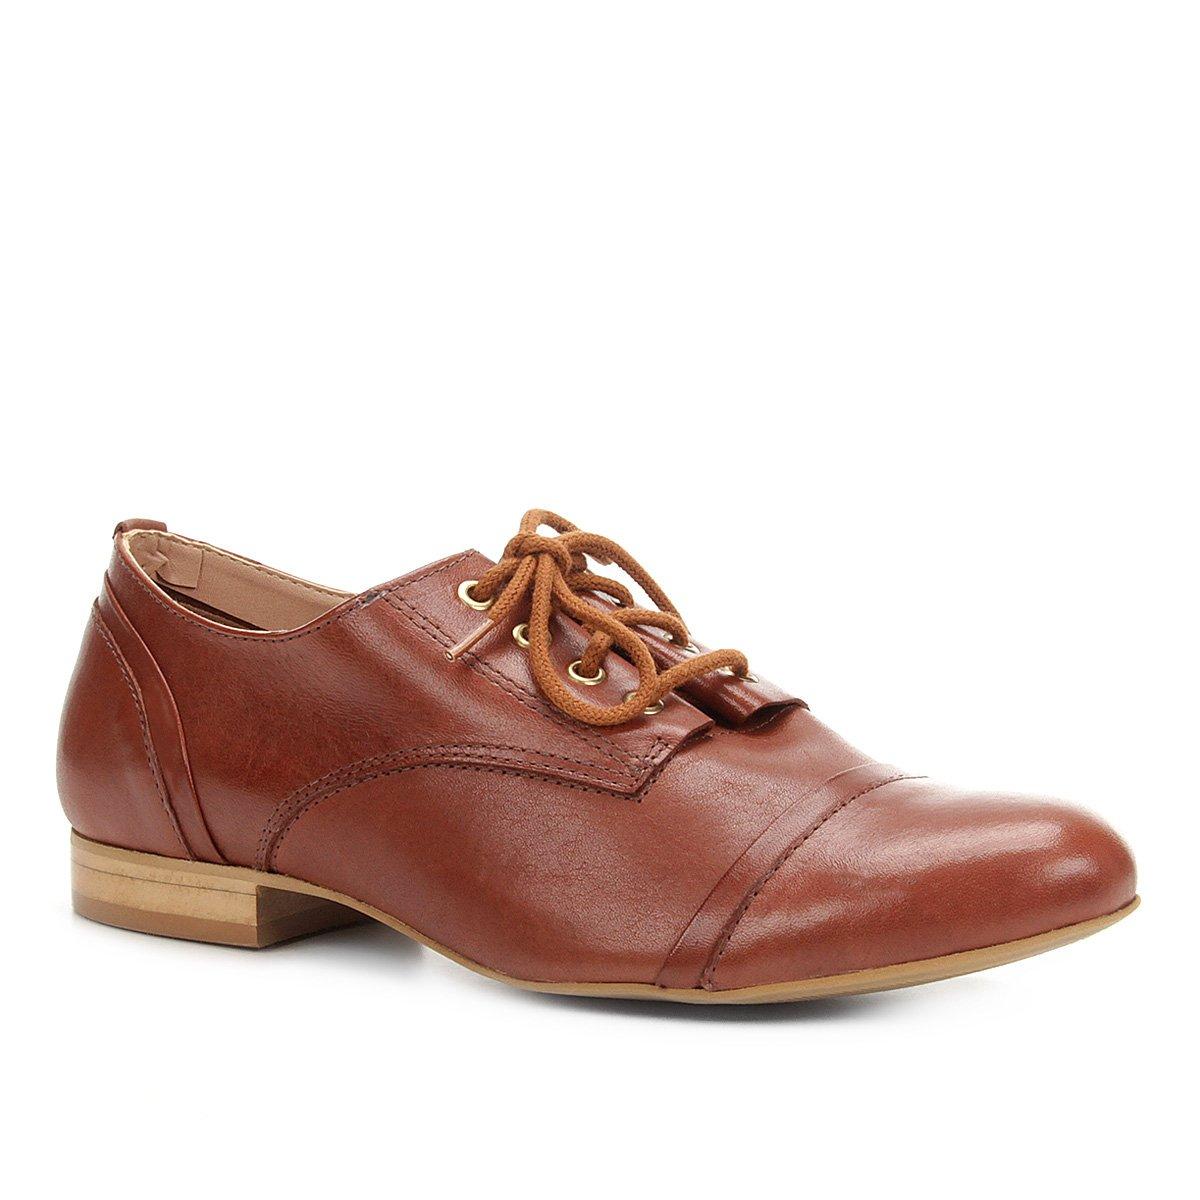 2add84db8 Oxford Couro Shoestock Feminino - Marrom - Compre Agora